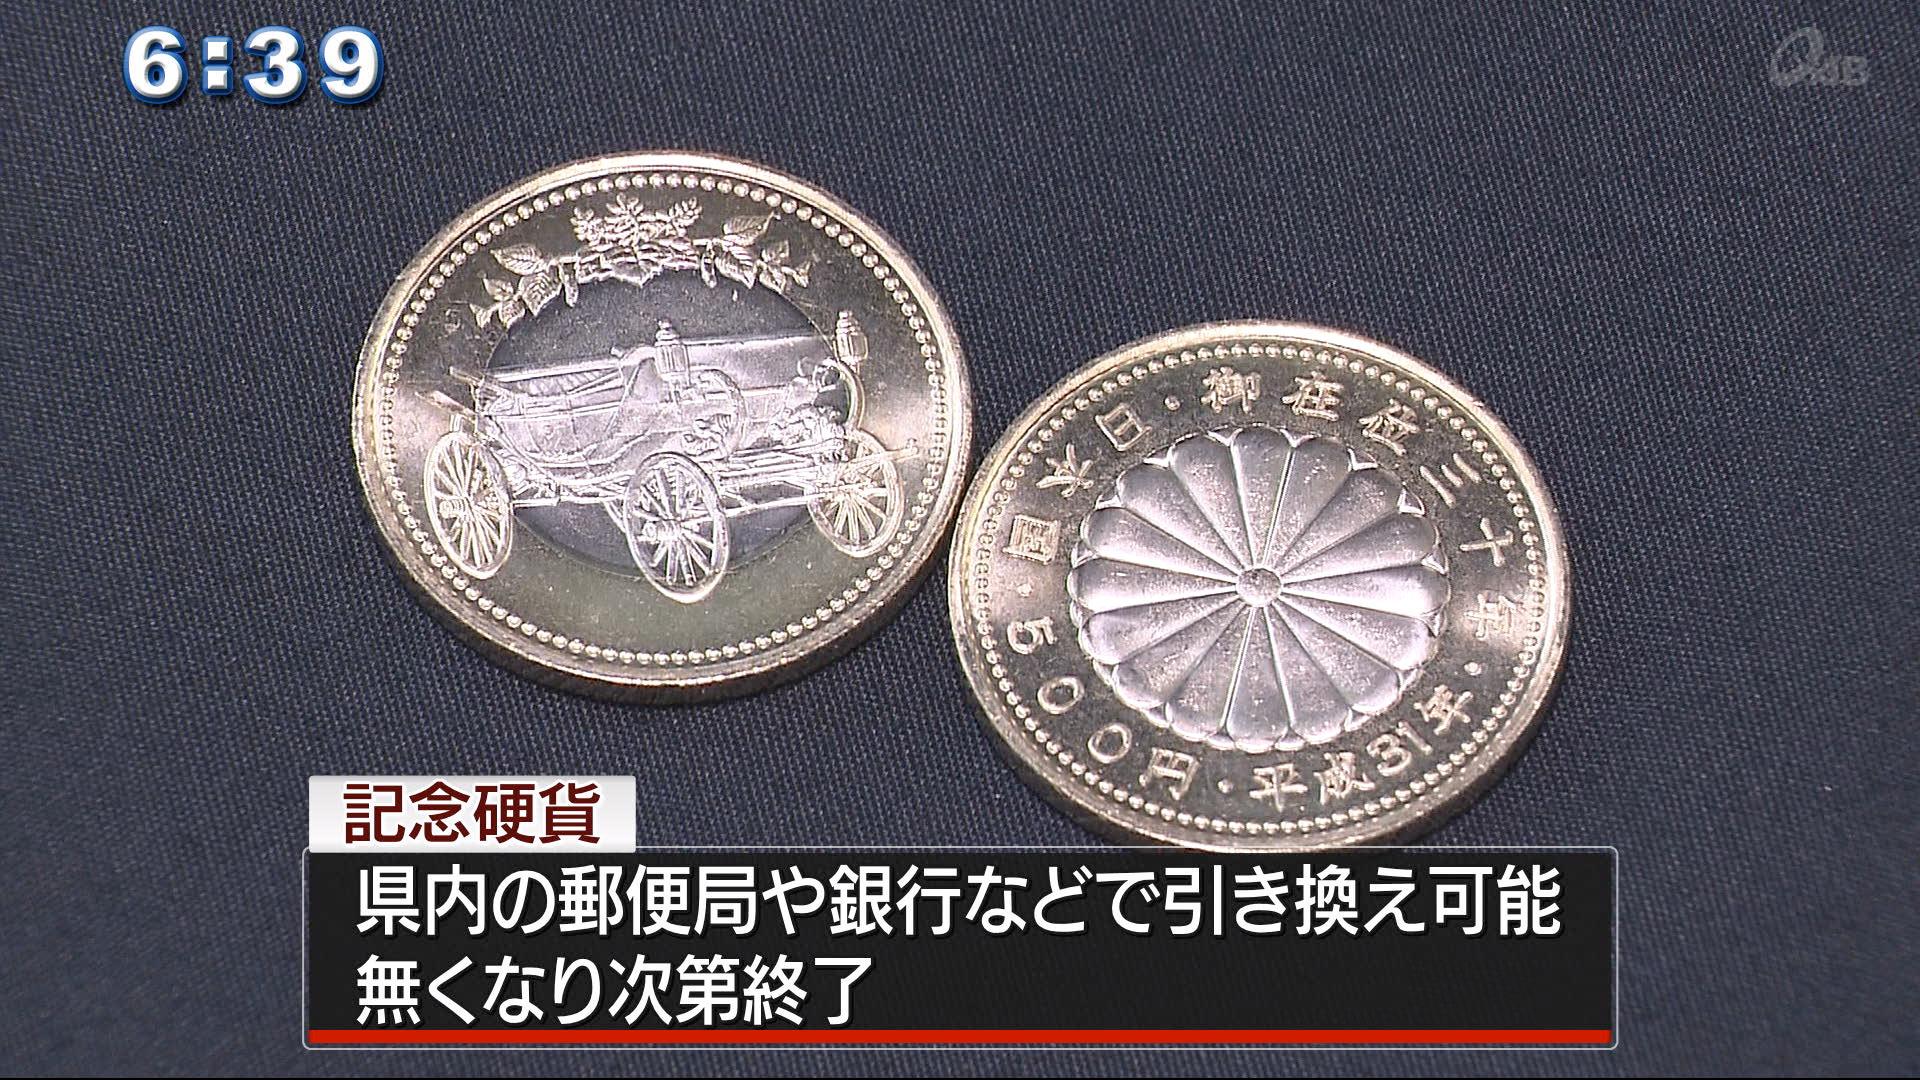 天皇陛下在位30年記念硬貨の引き換え始まる